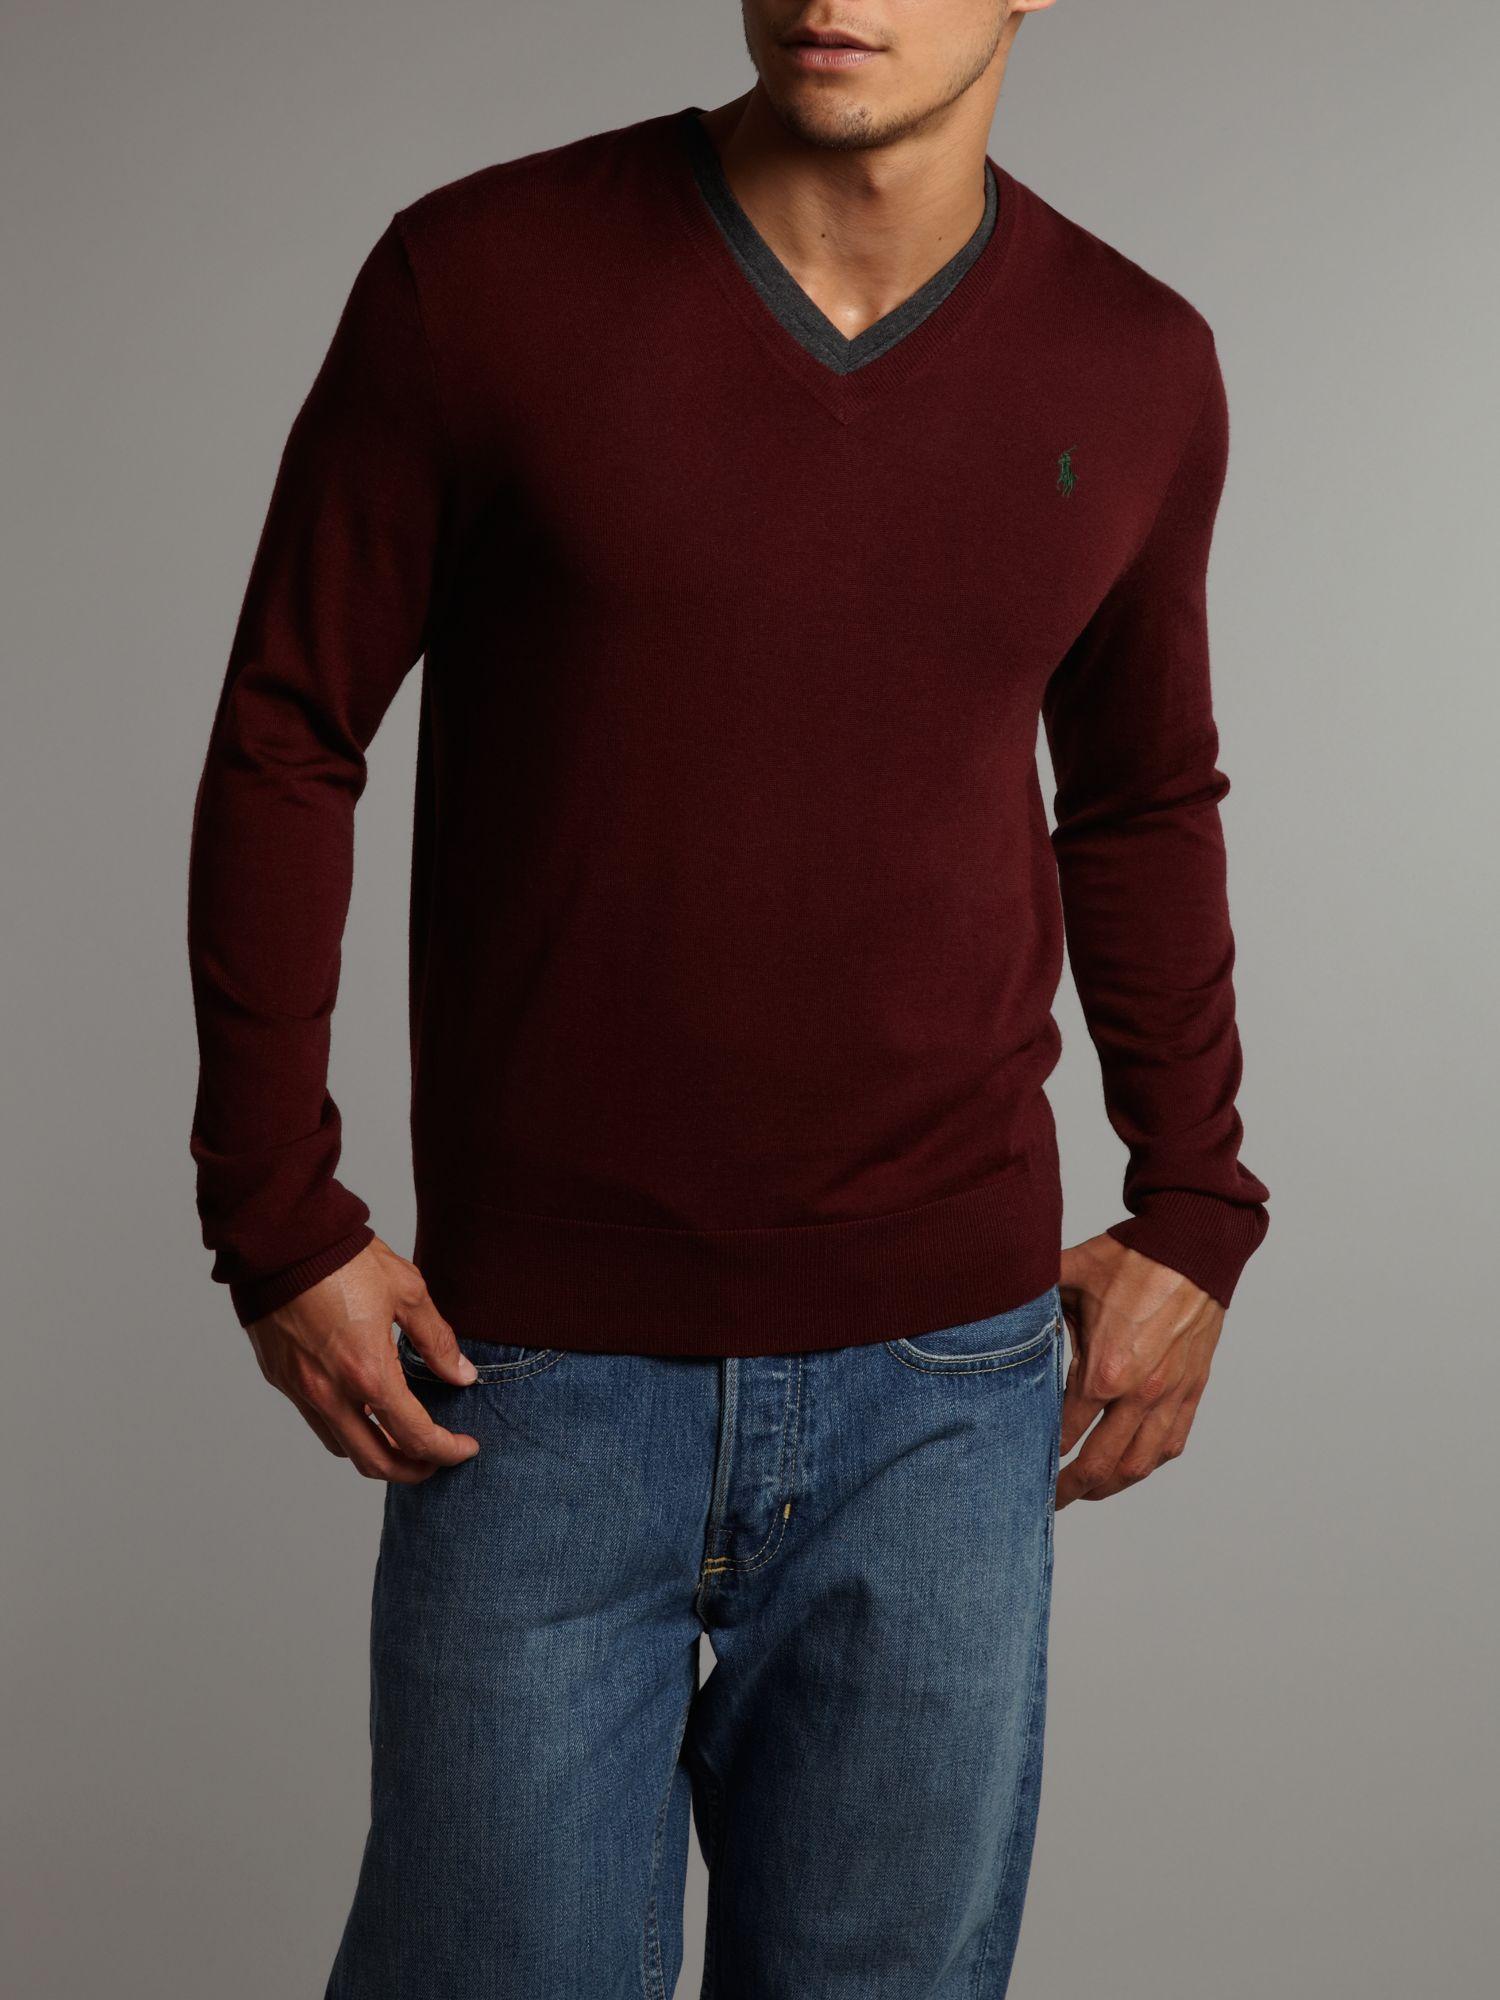 polo ralph lauren slim fit merino vneck jumper in red for. Black Bedroom Furniture Sets. Home Design Ideas